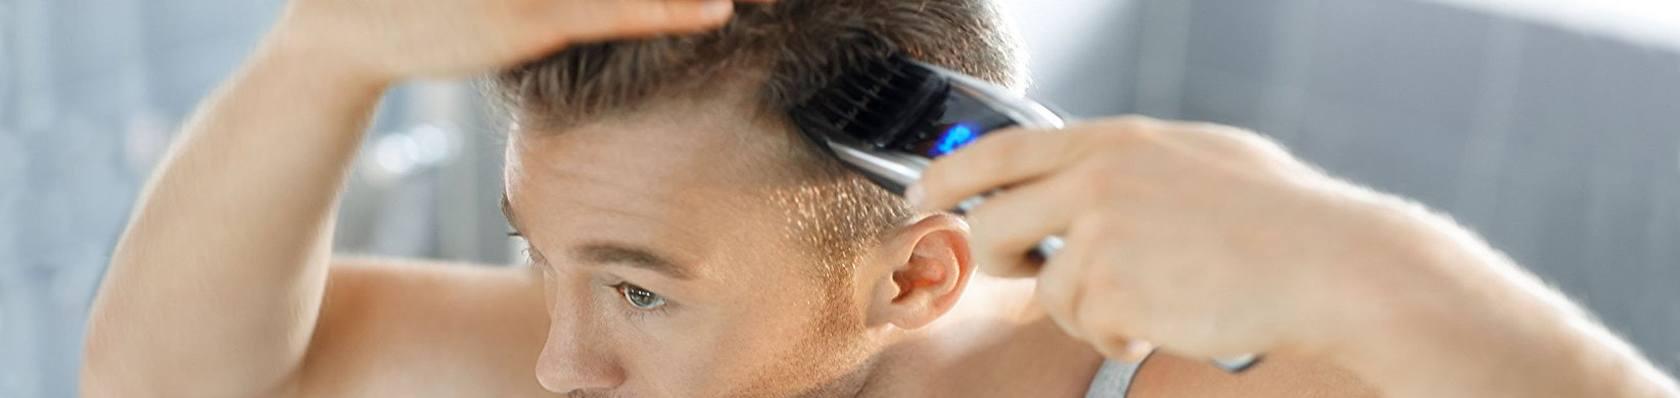 Haarschneidemaschinen im Test auf ExpertenTesten.de